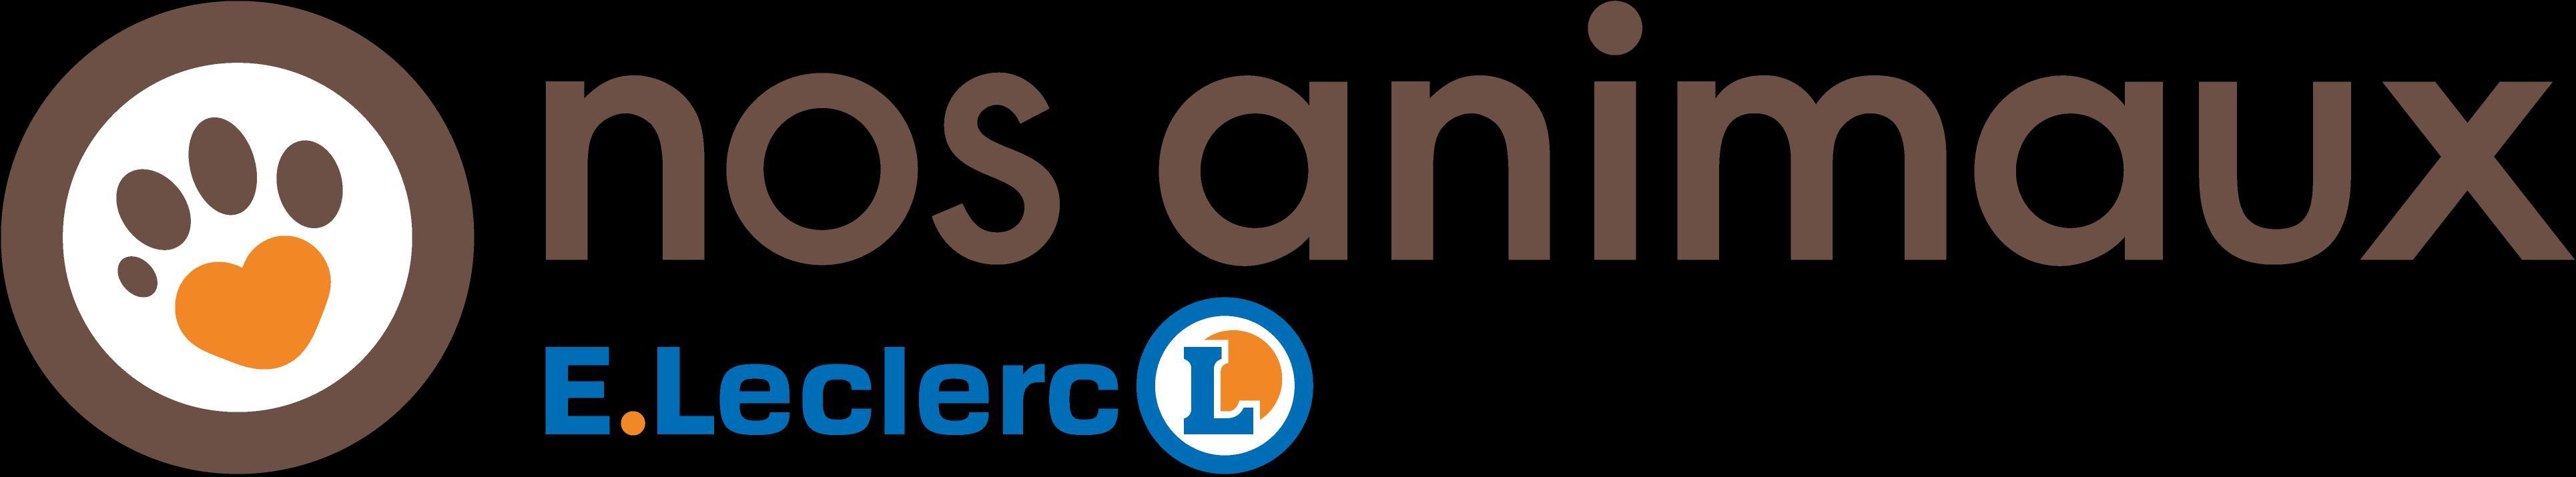 E Leclerc Traiteur Olivet La Source Boucherie Charcuterie Olivet 45160 Adresse Horaire Et Avis